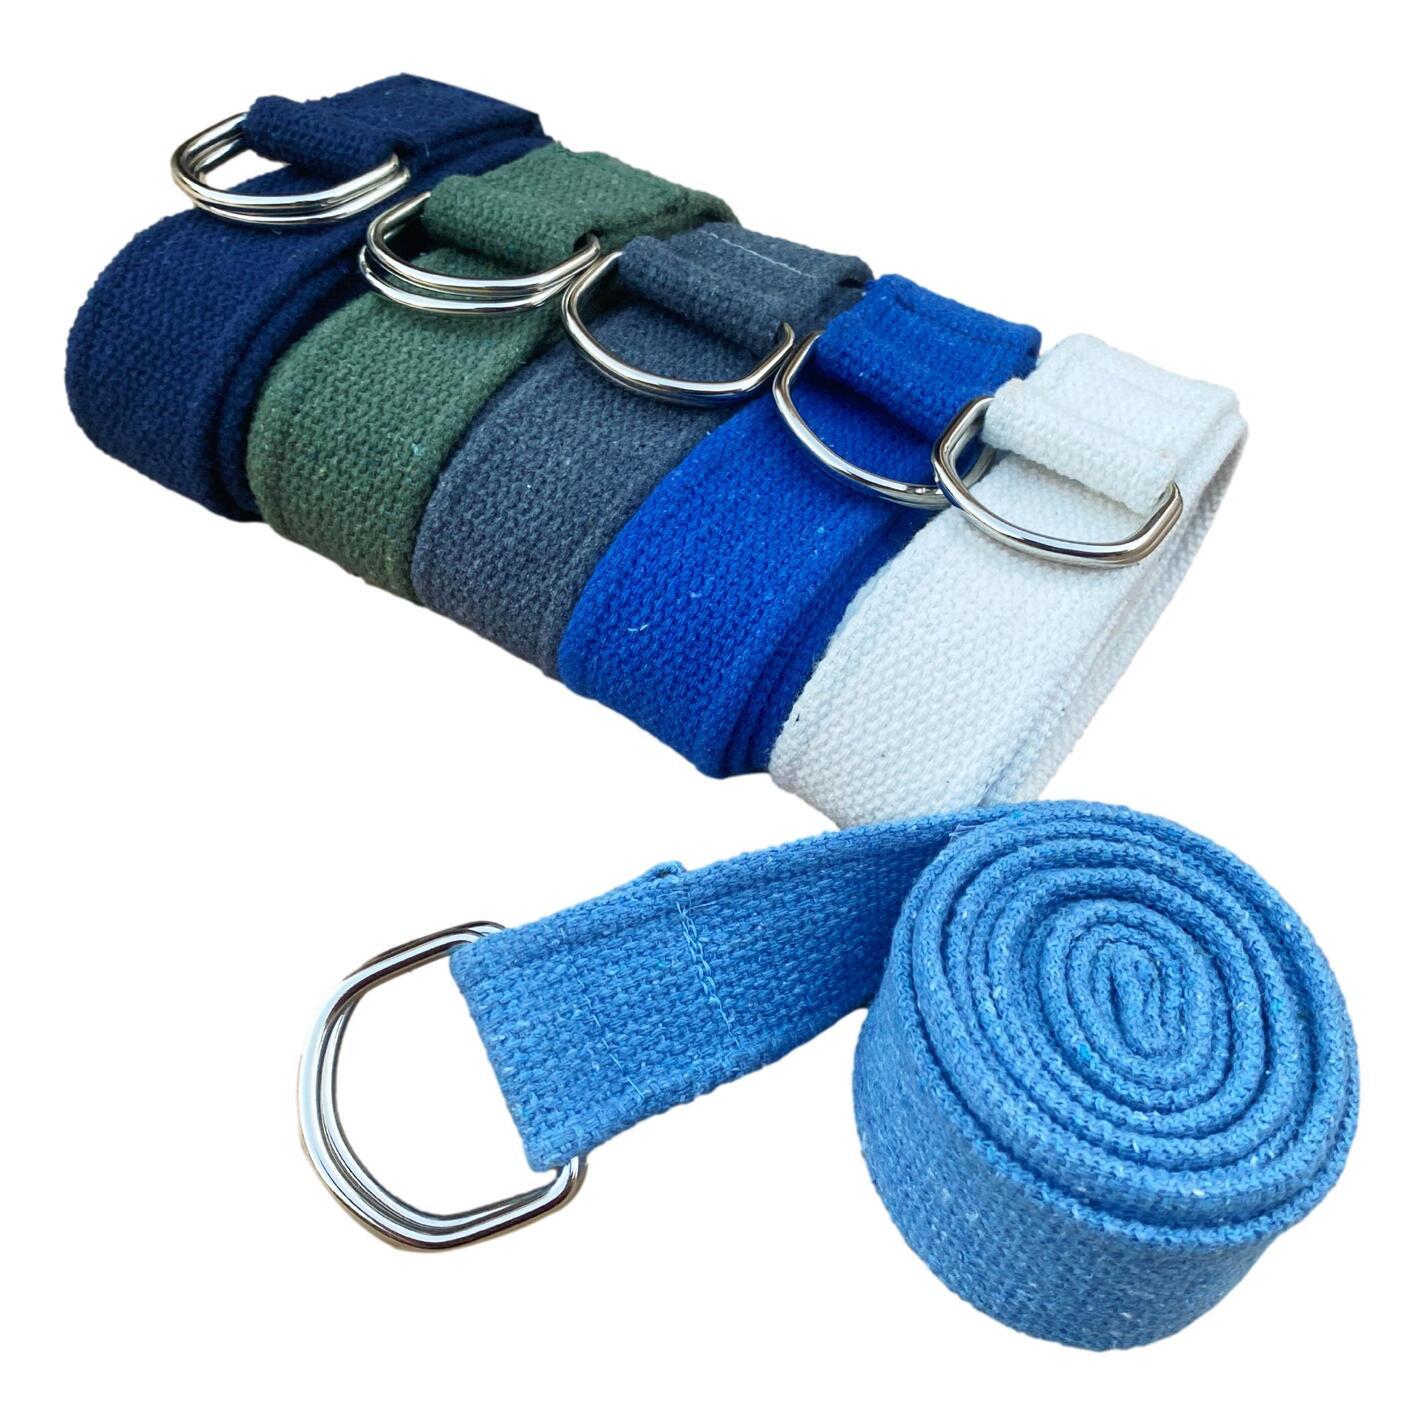 Cinto / Faixa para Alongamento - Yoga Strap - Cor Lisa (200 cm)